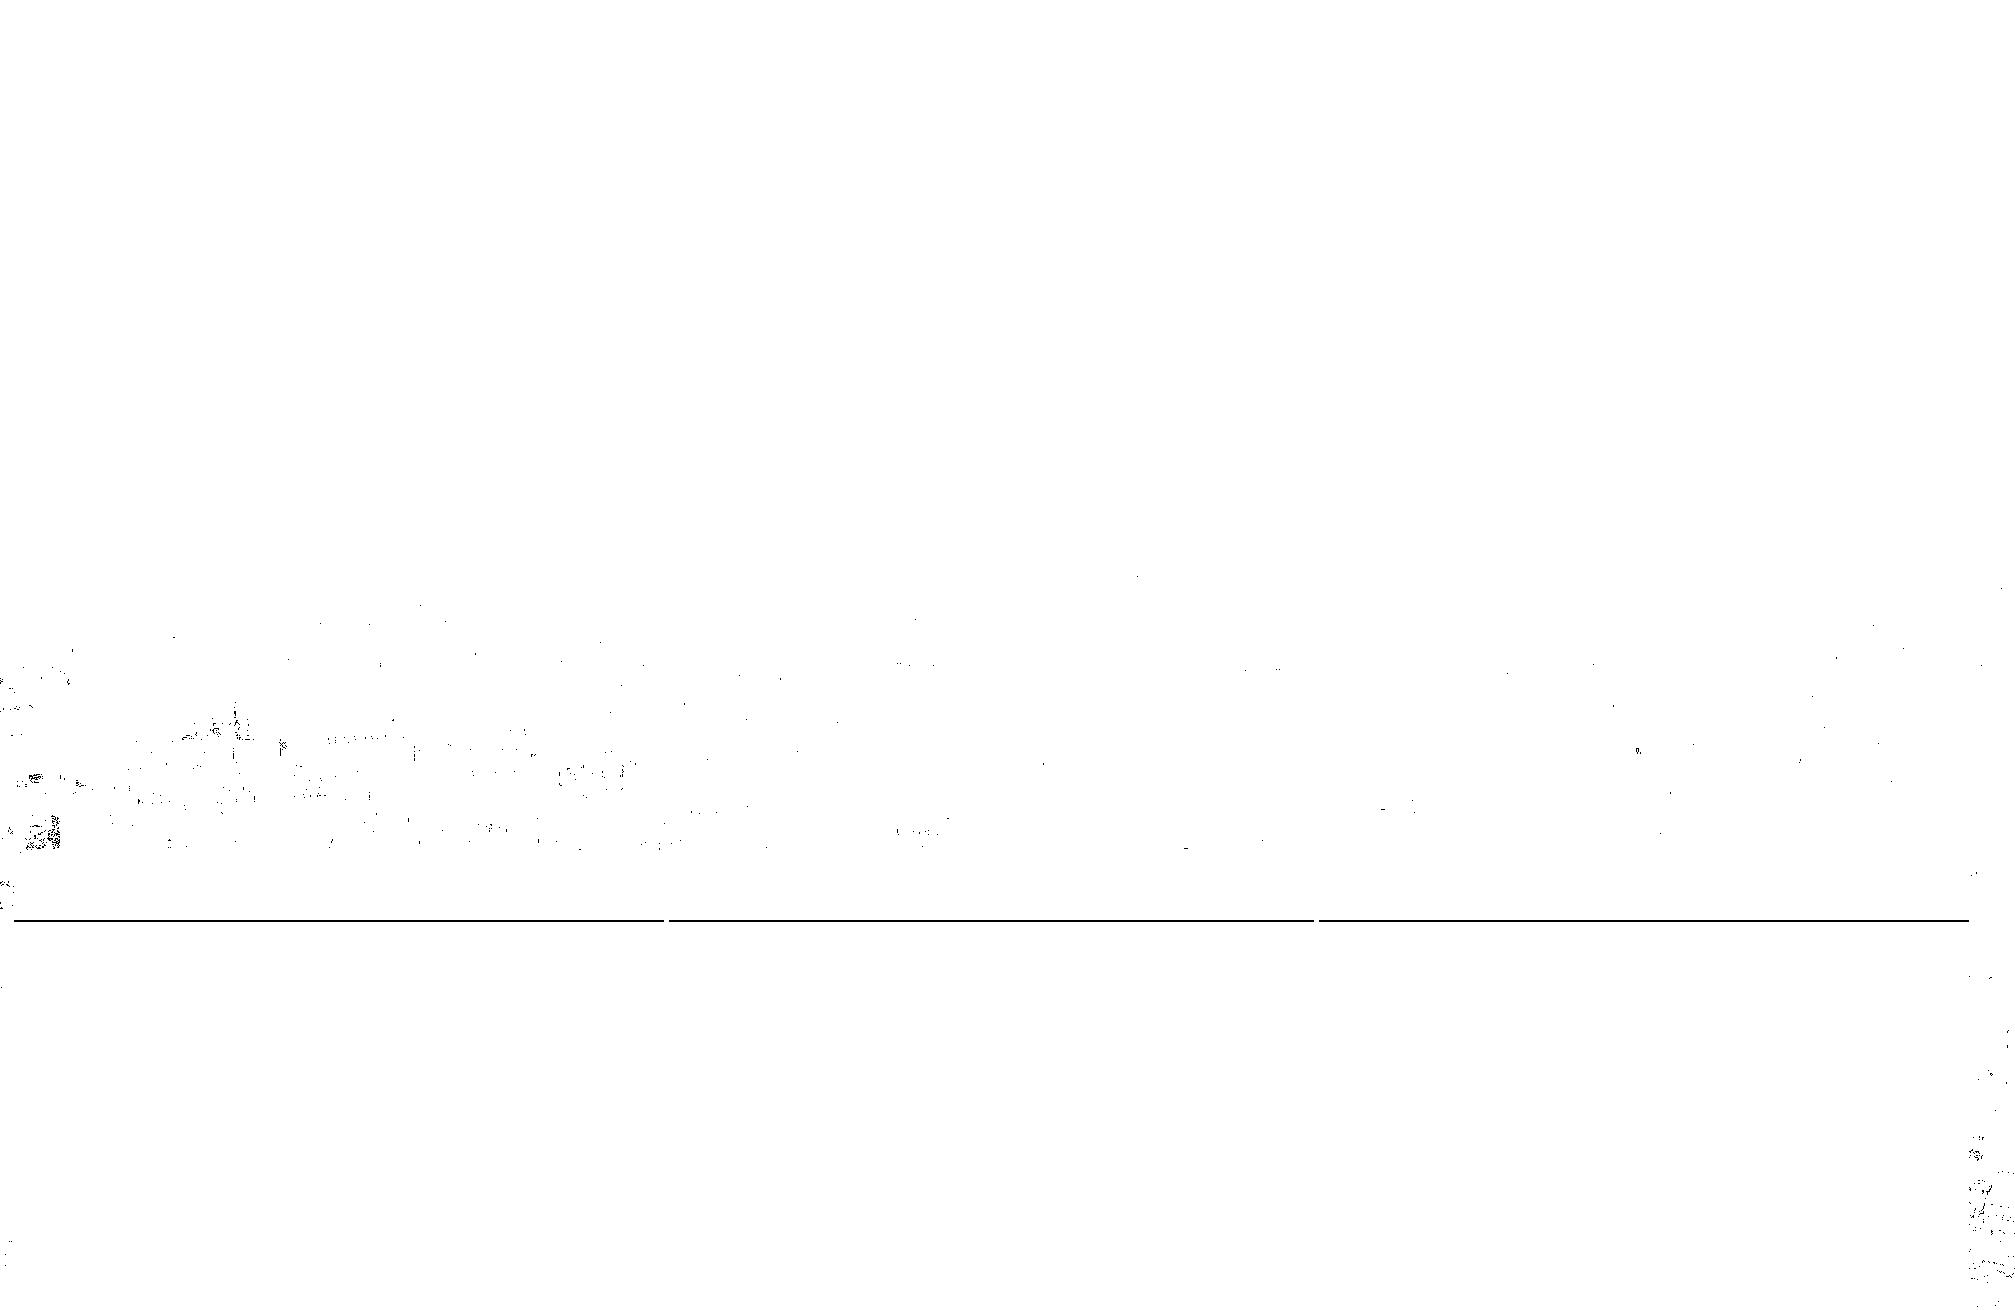 Météo Nantes: Prévisions du dimanche 18 avril 2021